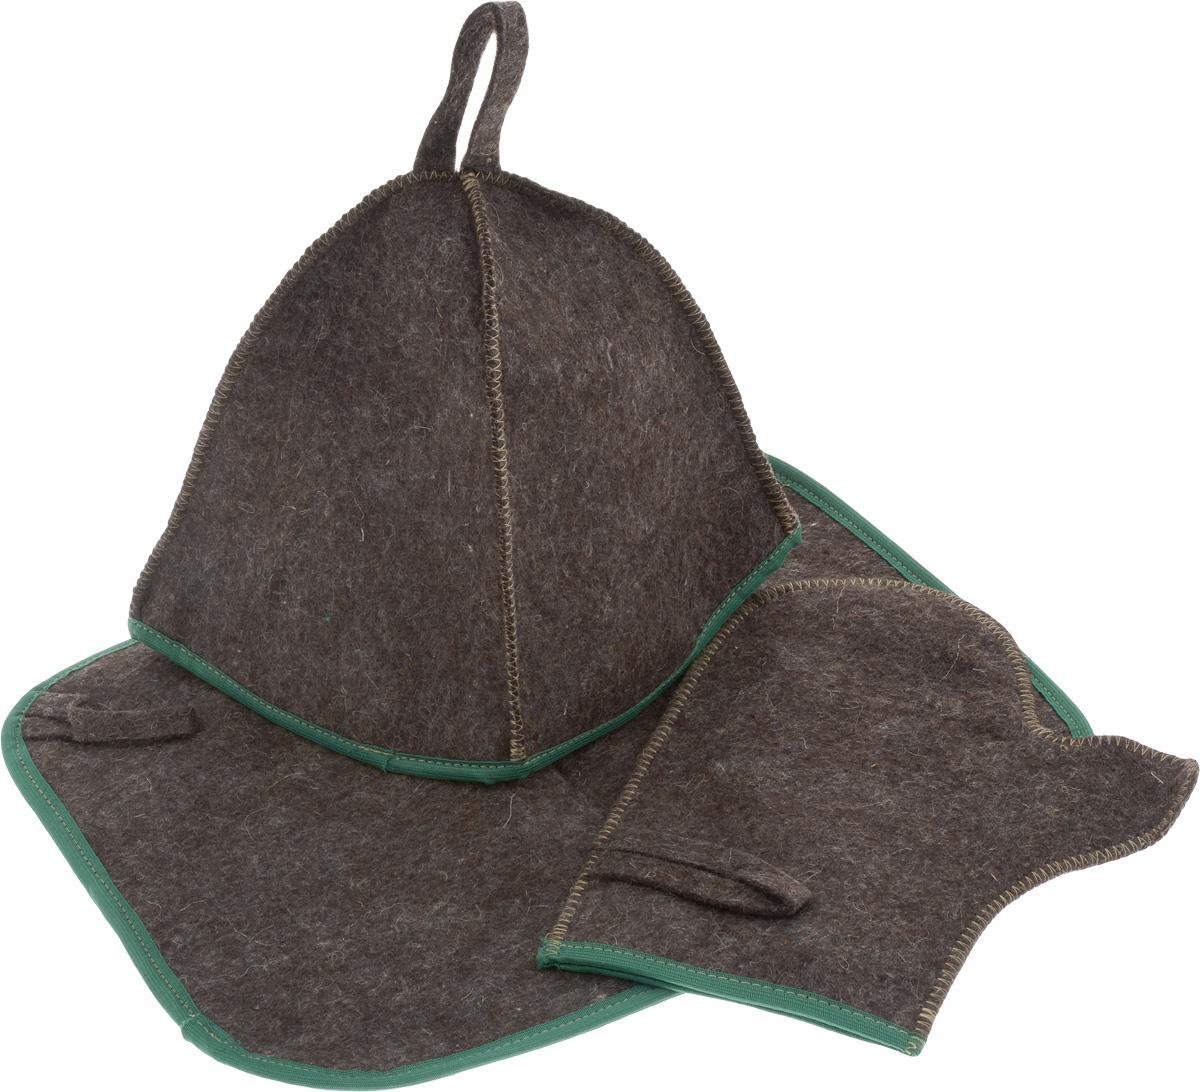 Набор для бани и сауны Proffi Sauna, цвет: темно-коричневый, зеленый, 3 предметаPS0184_зеленый кантОригинальный набор для бани Proffi Sauna включает в себя шапку, рукавицу и коврик. Изделия выполнены из 90% шерсти и 10% лавсана, декорированы кантом. Шапка, рукавица и коврик - это незаменимые аксессуары для любителей попариться в русской бане и для тех, кто предпочитает сухой жар финской бани. Шапка защитит волосы от сухости и ломкости, голову от перегрева и предотвратит появление головокружения. Рукавица обезопасит ваши руки от появления ожогов, а коврик - от высоких температур при контакте с горячей лавкой в парилке. На изделиях имеются петельки, с помощью которых их можно повесить на крючок в предбаннике. Такой набор станет отличным подарком для любителей отдыха в бане или сауне. Размер коврика: 40 х 31 см. Размер шапки: 18 х 18 х 25 см. Размер рукавицы: 27 х 22 см.